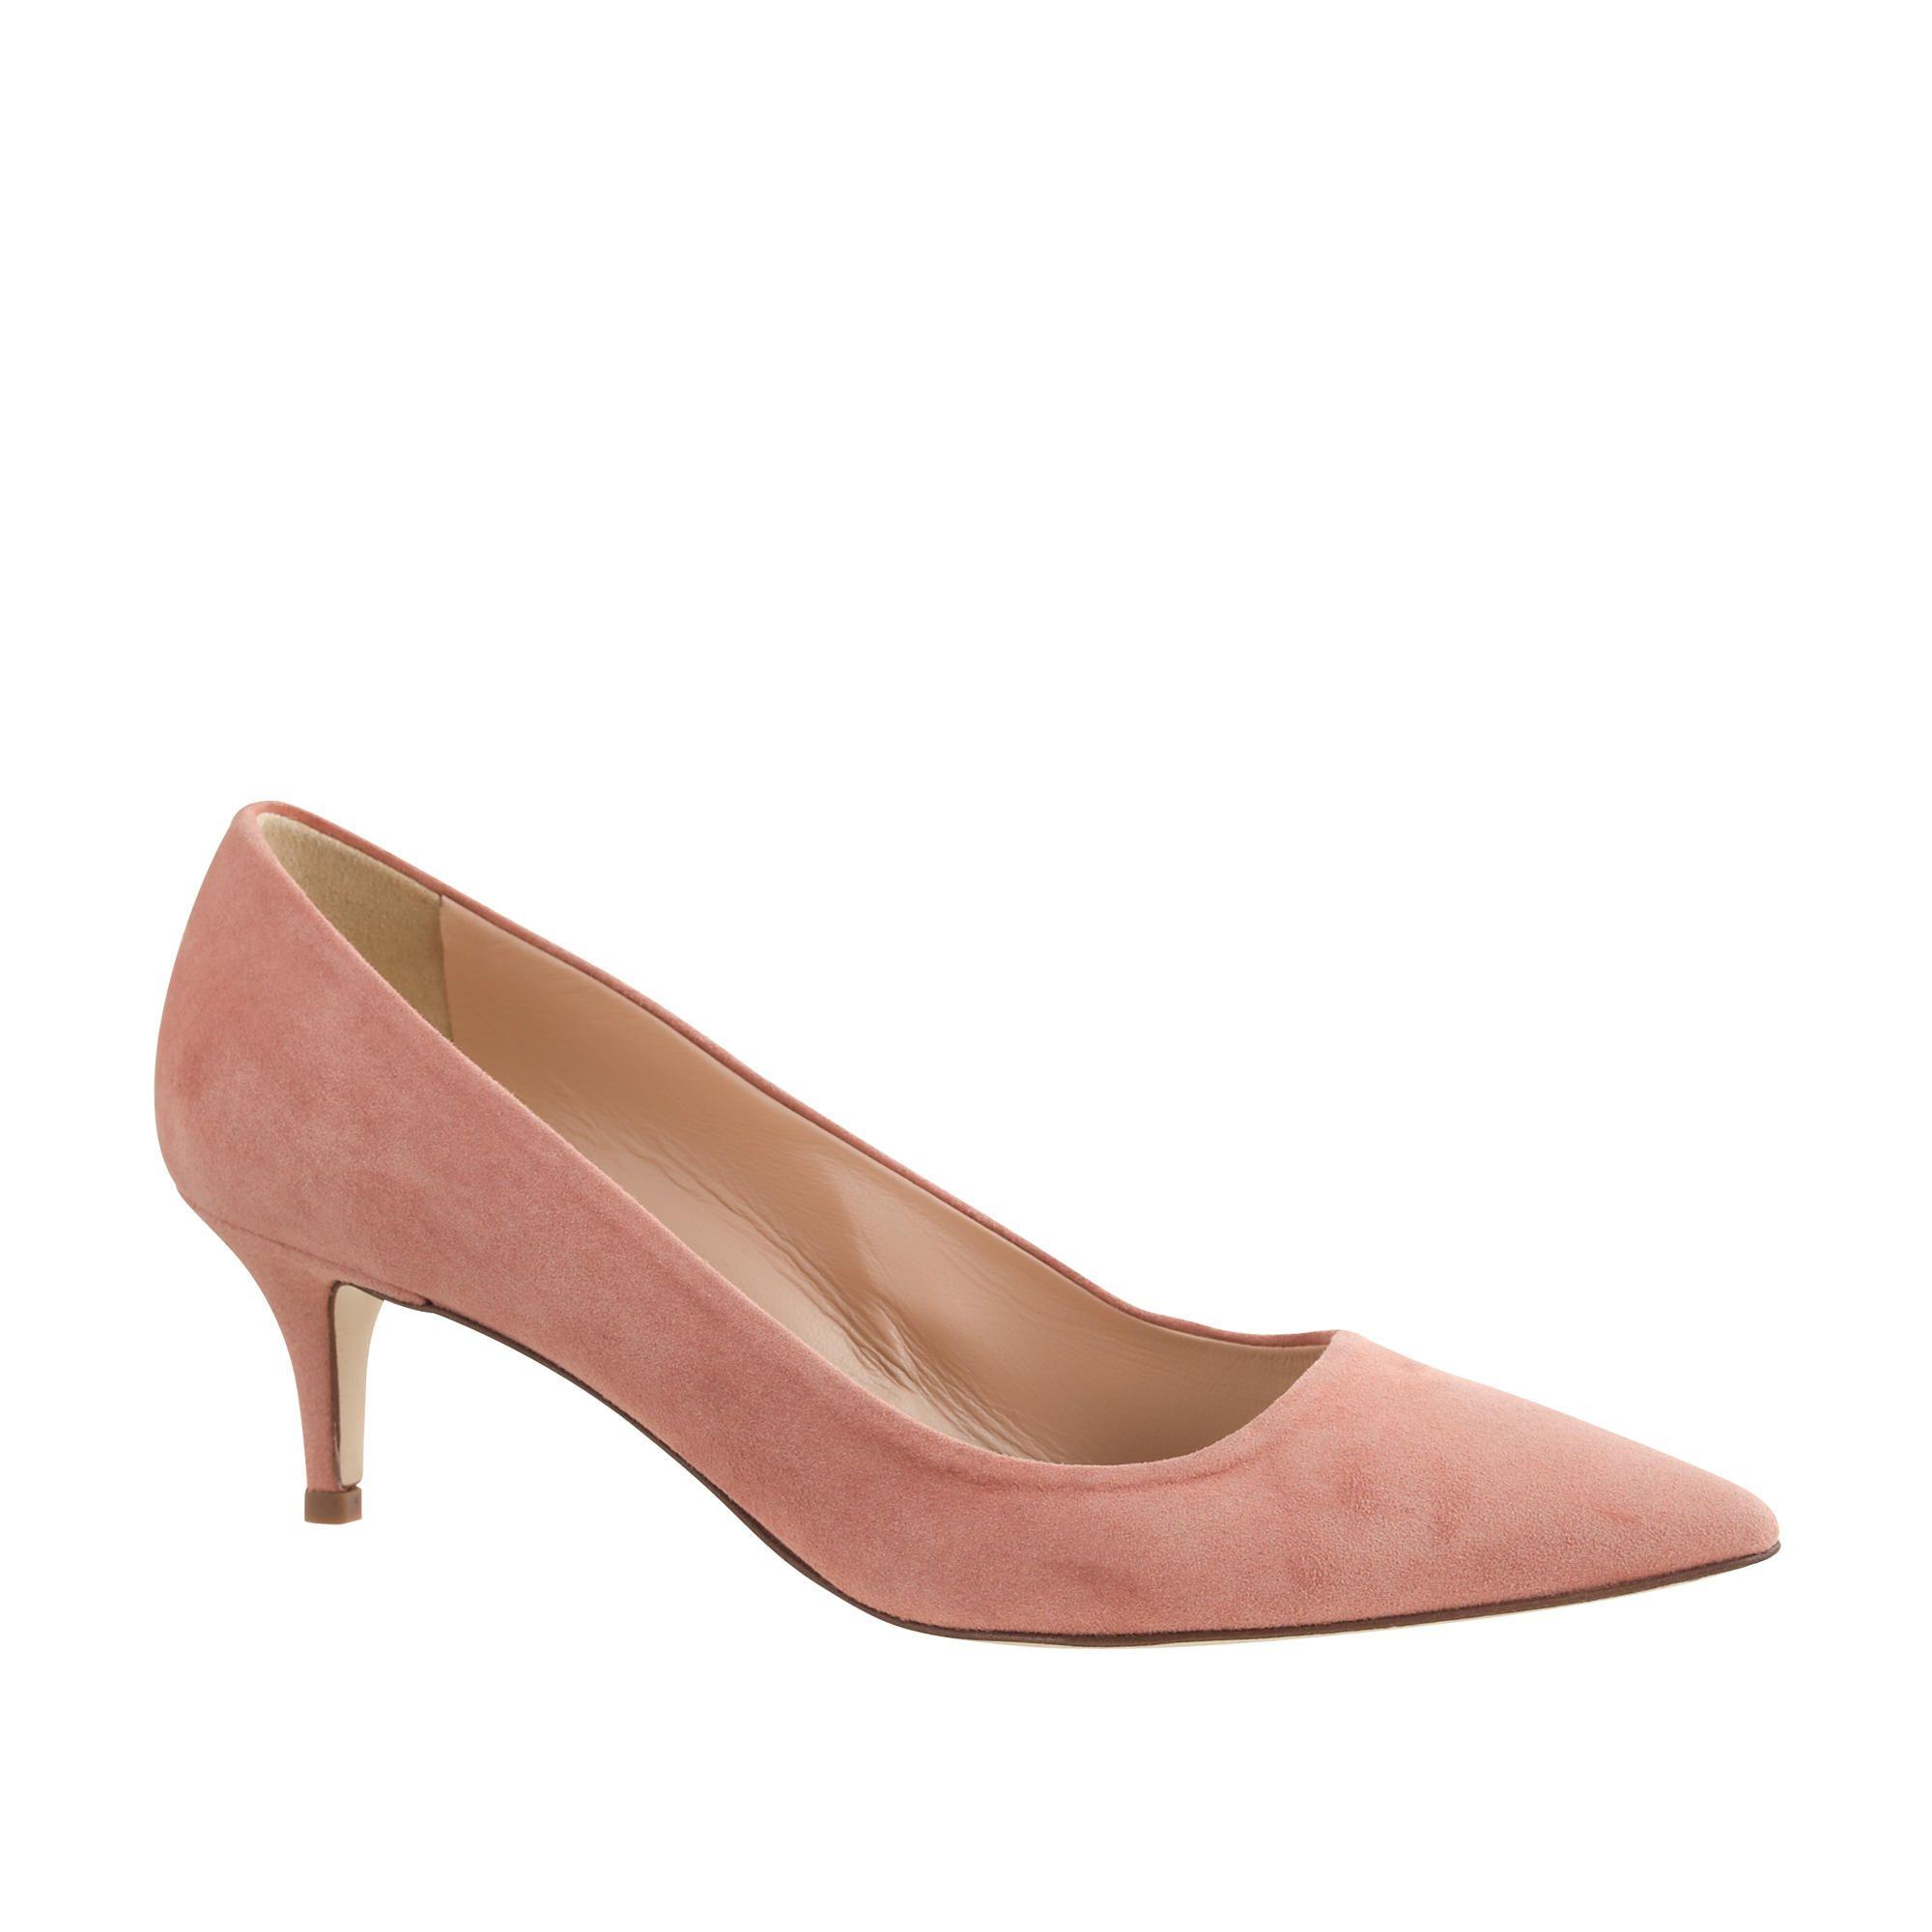 Dulci Suede Kitten Heels. $150 final sale | Best Foot